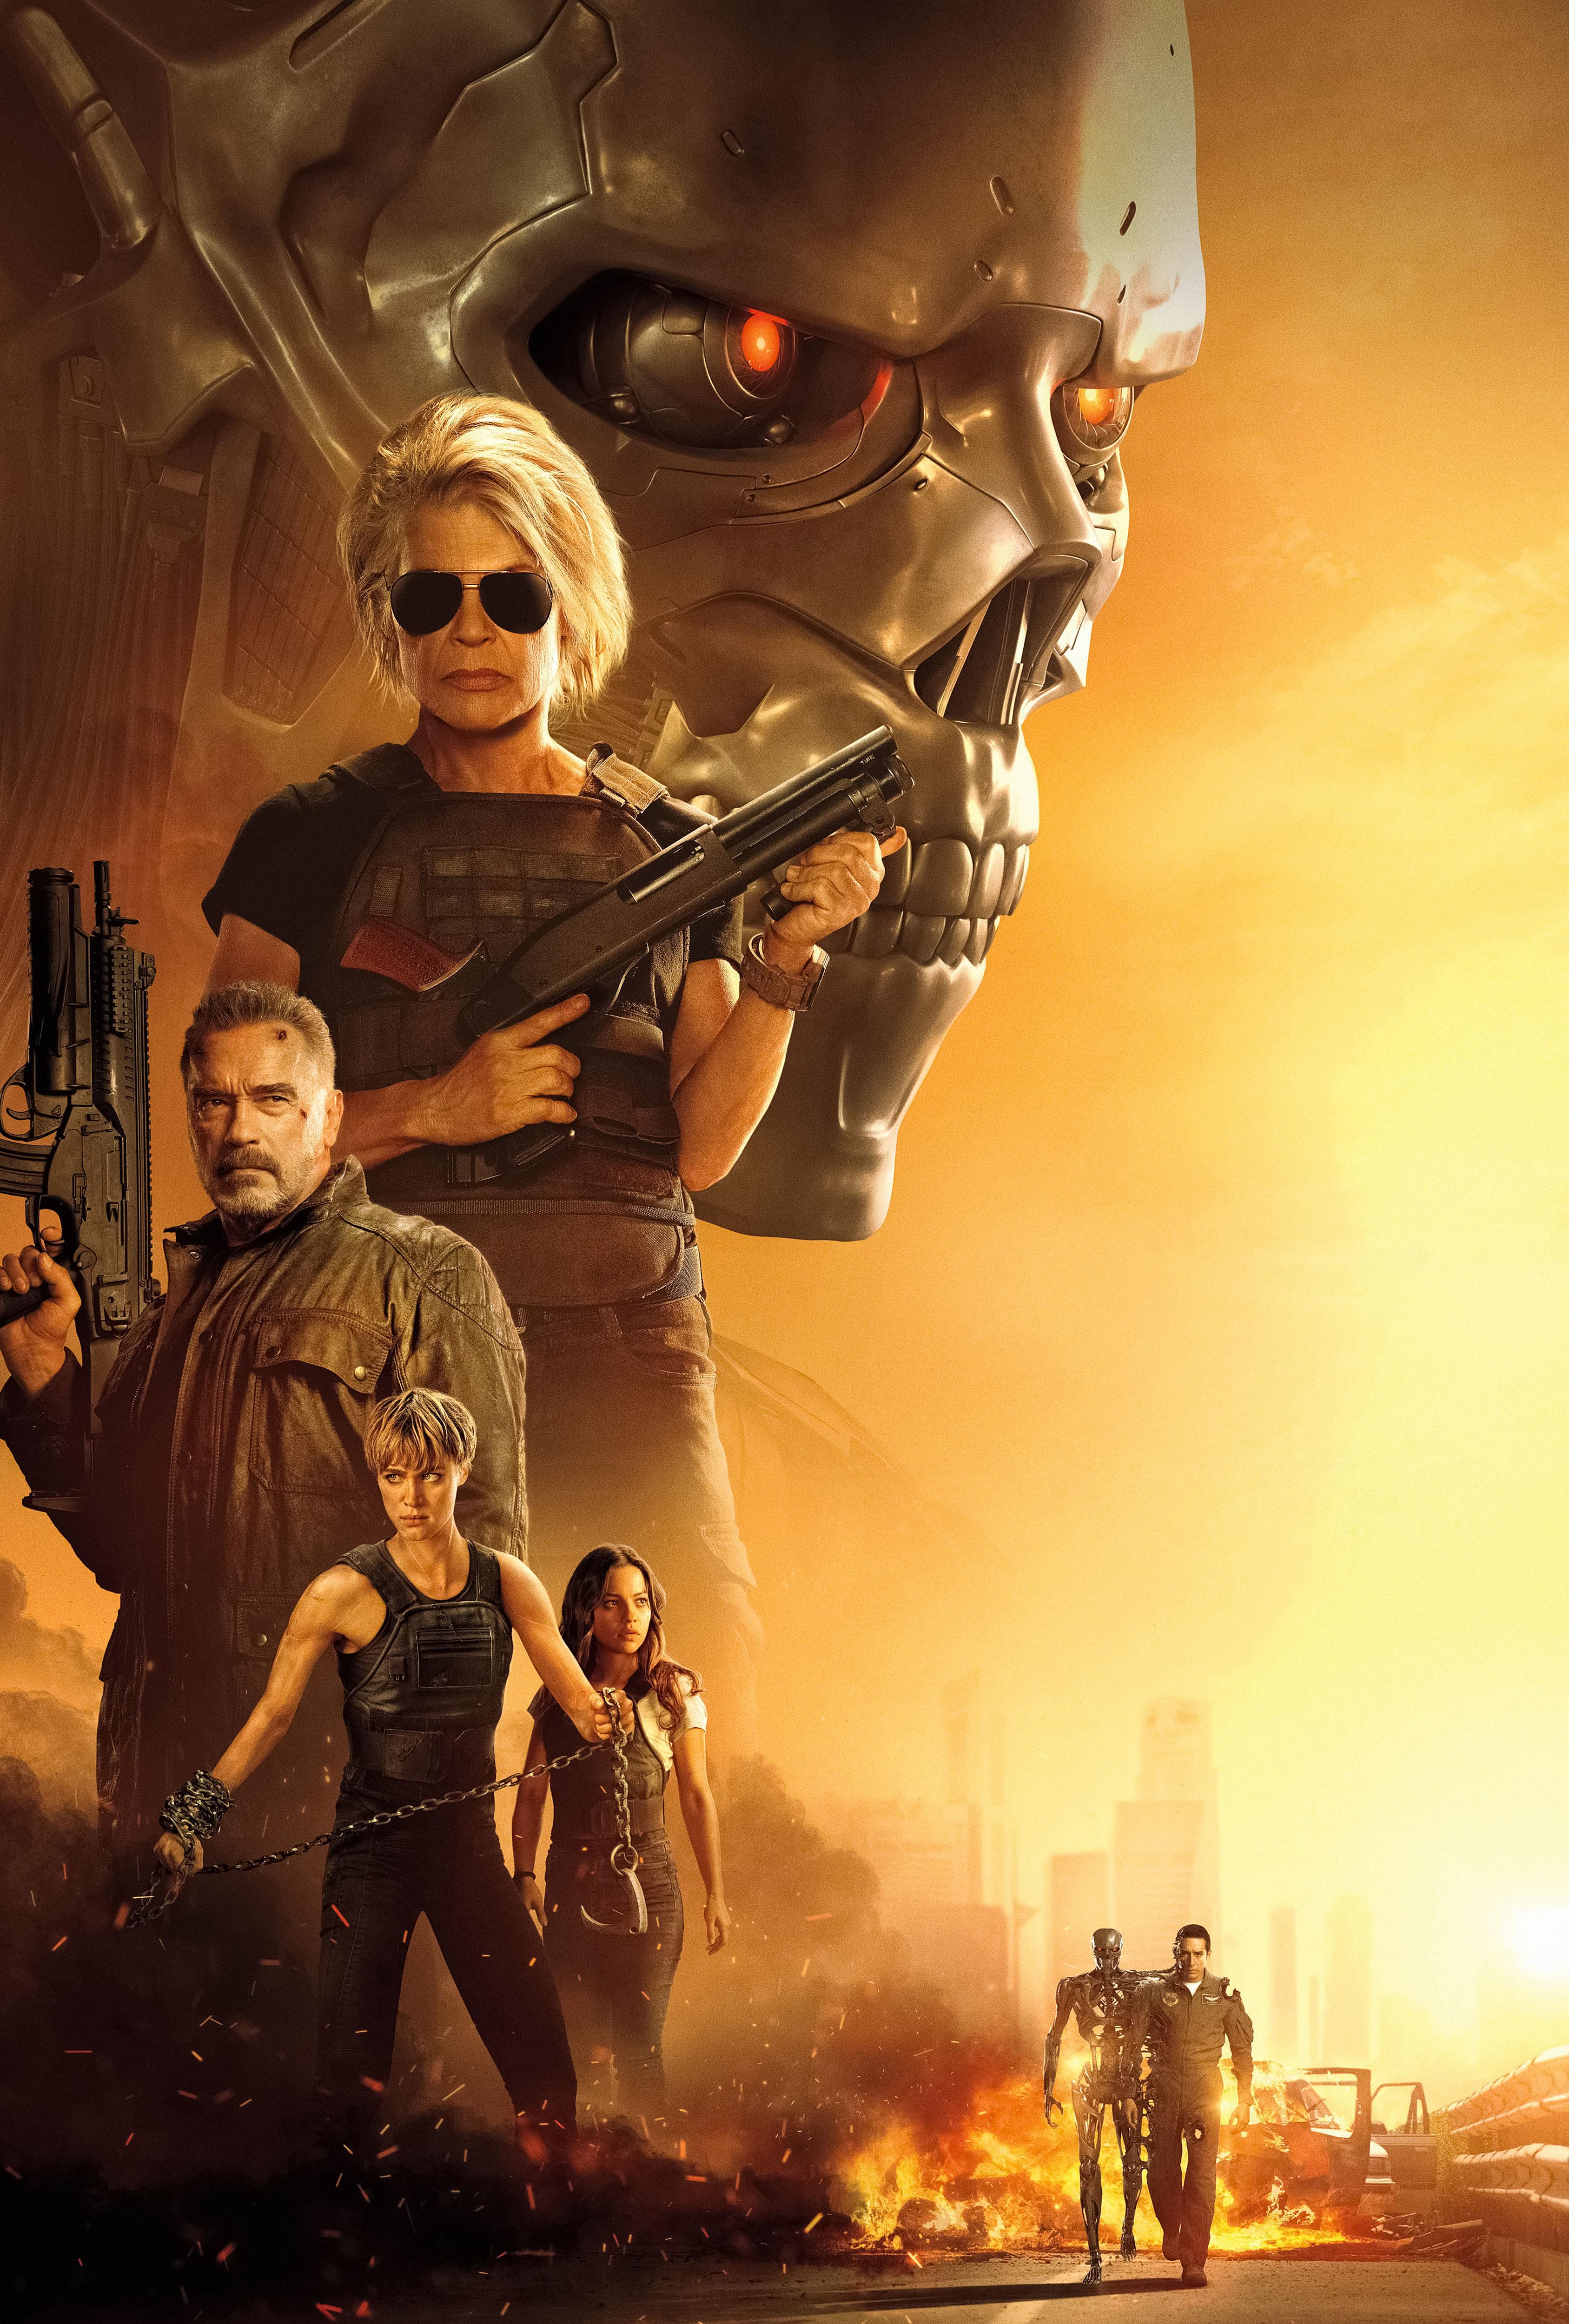 1366x768 Terminator 6 Dark Fate 1366x768 Resolution Wallpaper HD 3375x5000